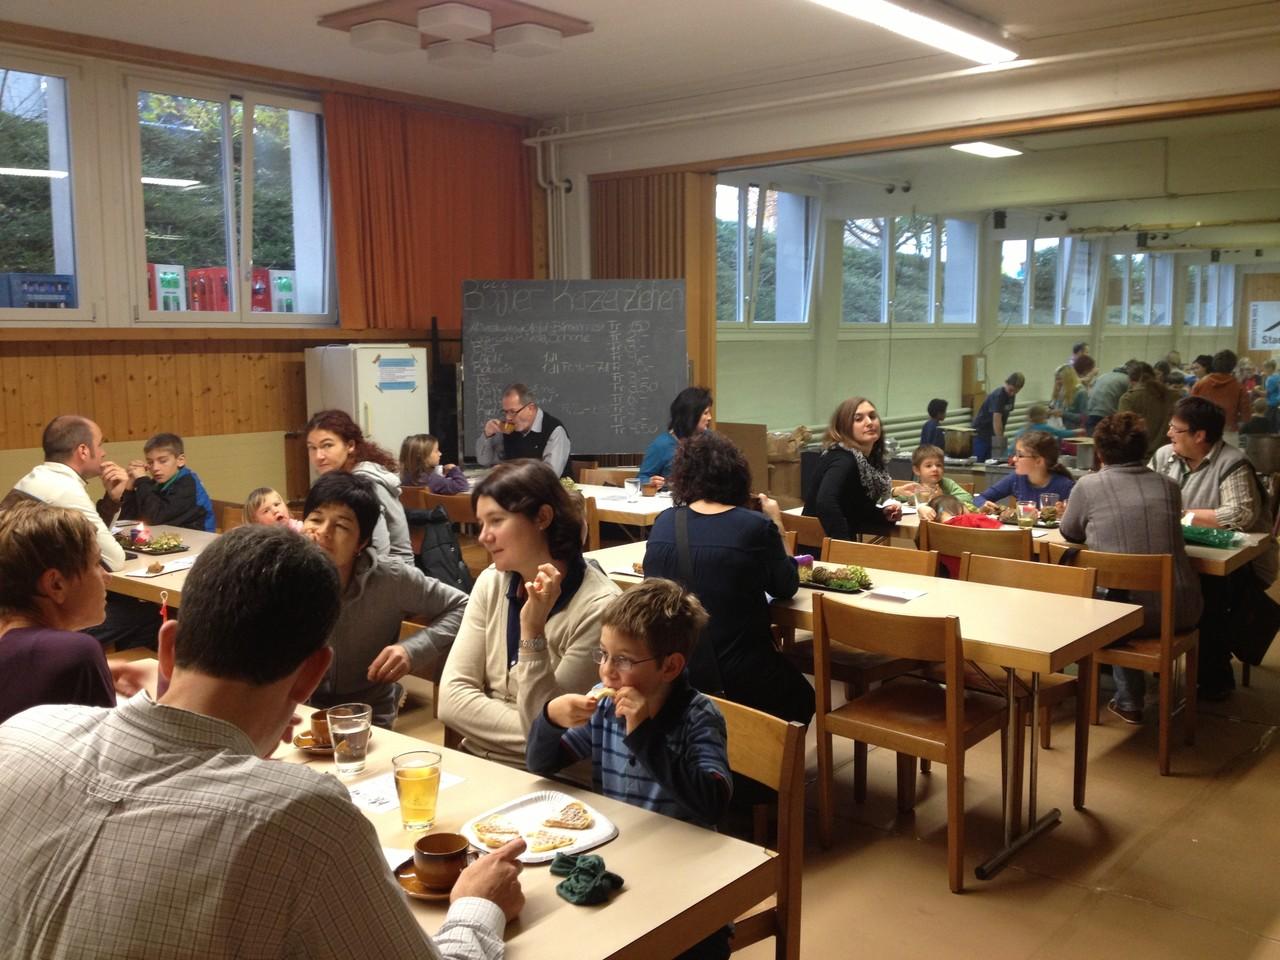 Auch im gastronomischen Teil des Kellers hat sich zahlreiches Publikum eingefunden: Im Café Docht.